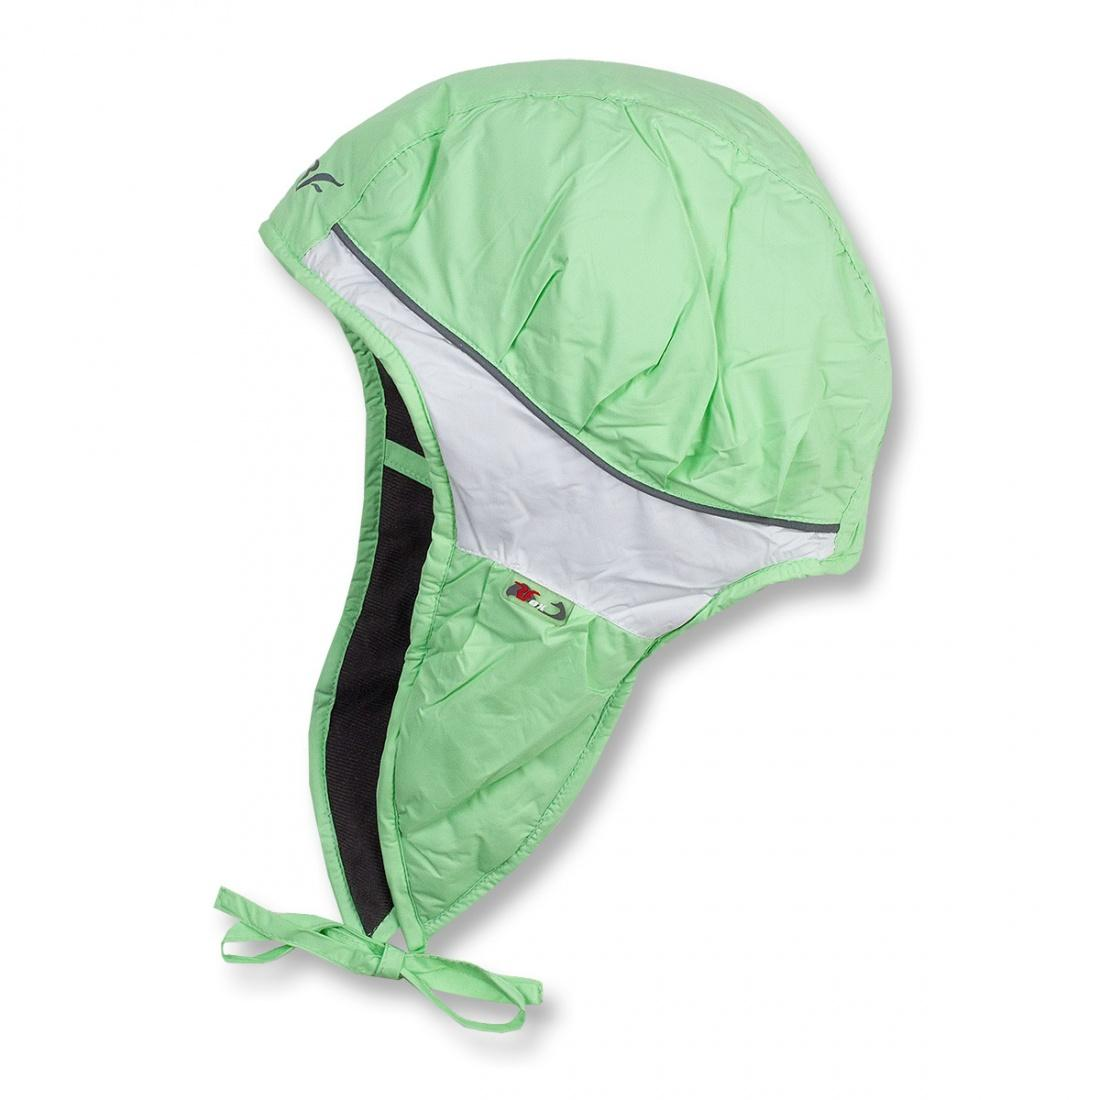 Шапка детская TressУшанки<br><br> Яркая контрастная шапочка прекрасно выделяет ребенка из толпы.<br><br> <br><br><br><br> Основной материал – Dry Factor 1000.<br><br> <br><br><br> Утеплитель – Omniterm Classic.<br><br> <br><br><br> Для детей от 1 до...<br><br>Цвет: Белый<br>Размер: XXL